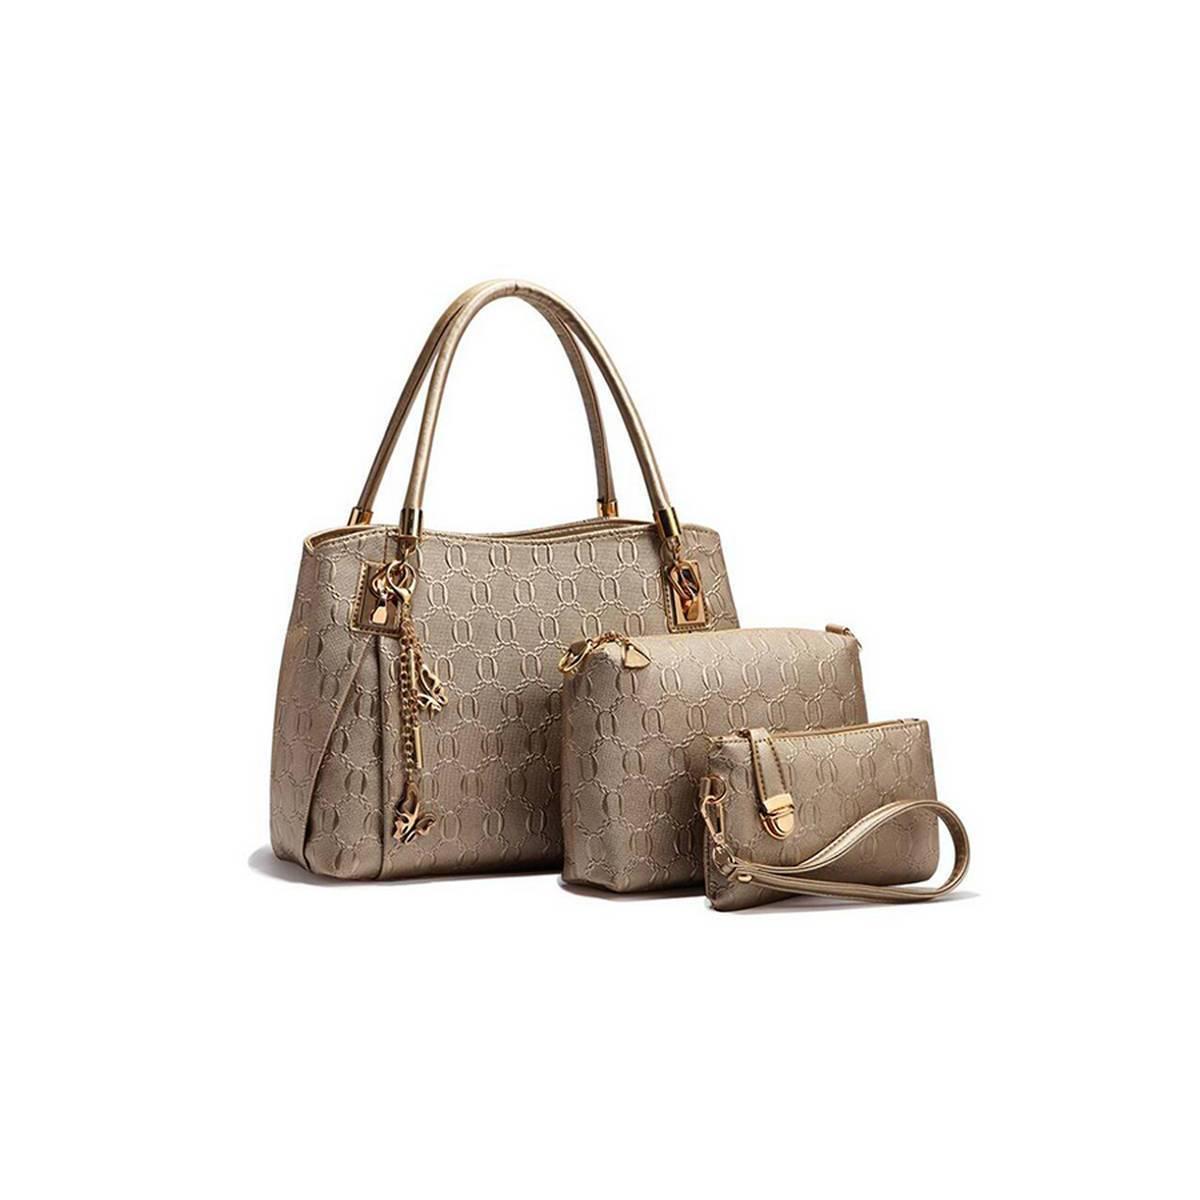 Best Selling 3 PCS PU Leather Hand Bag Set